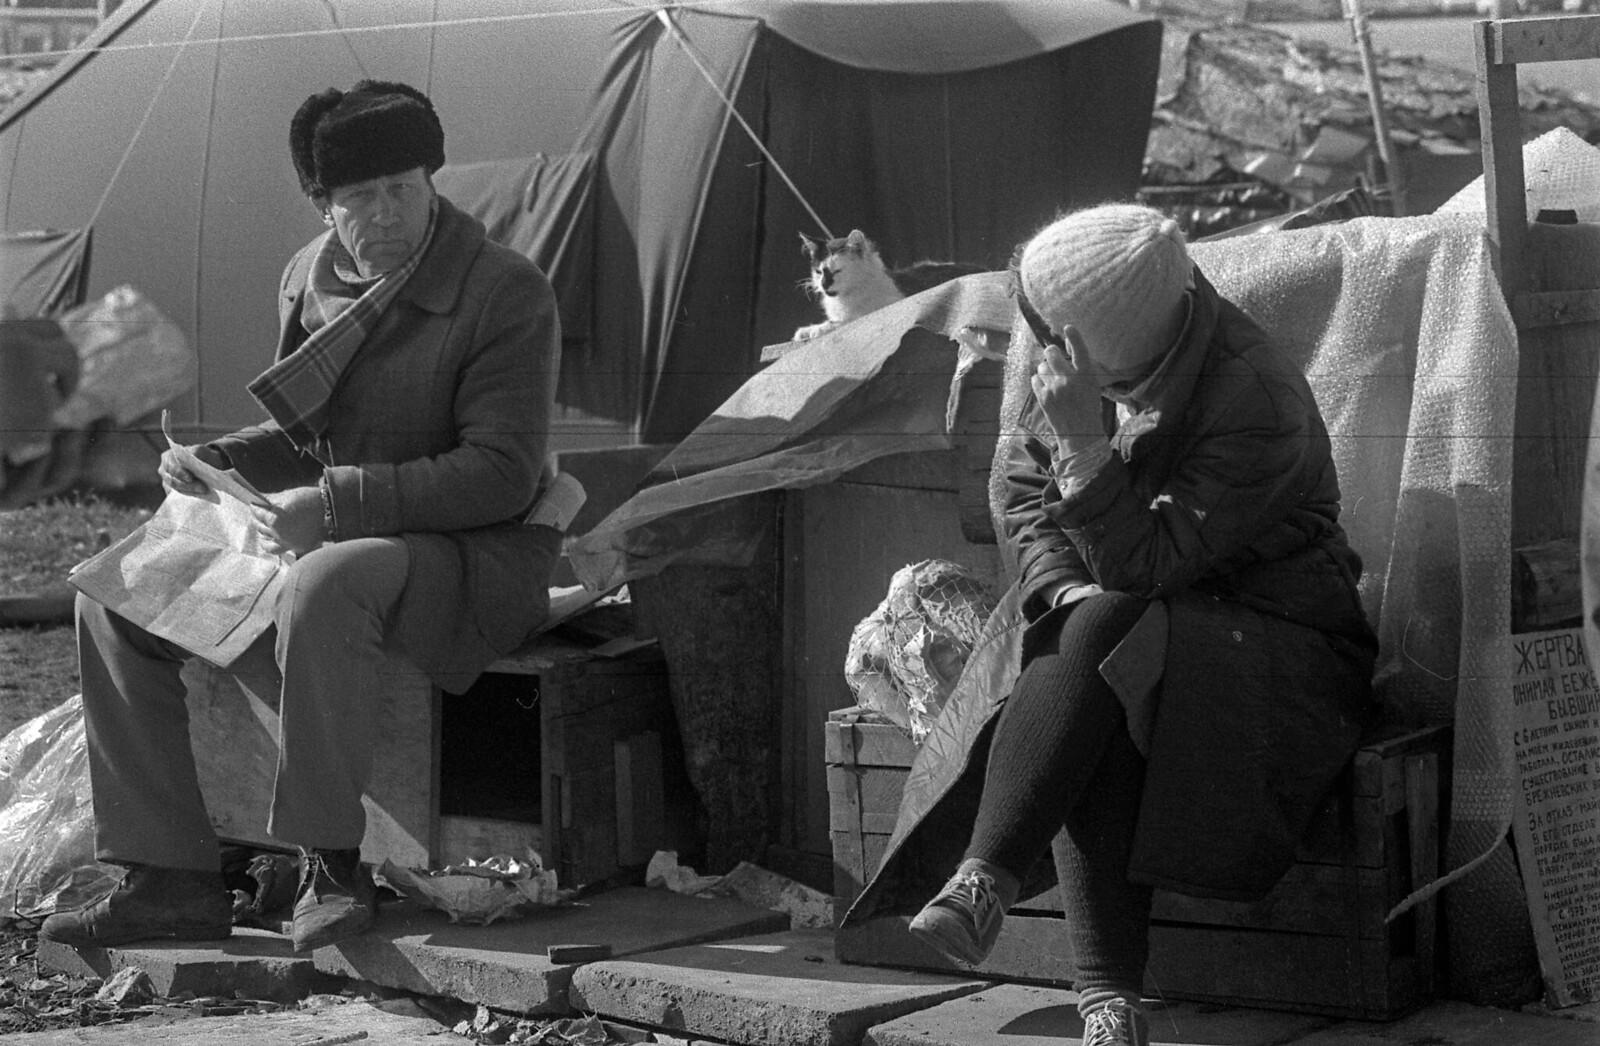 1989. Васильевский спуск, Палаточный городок (3)